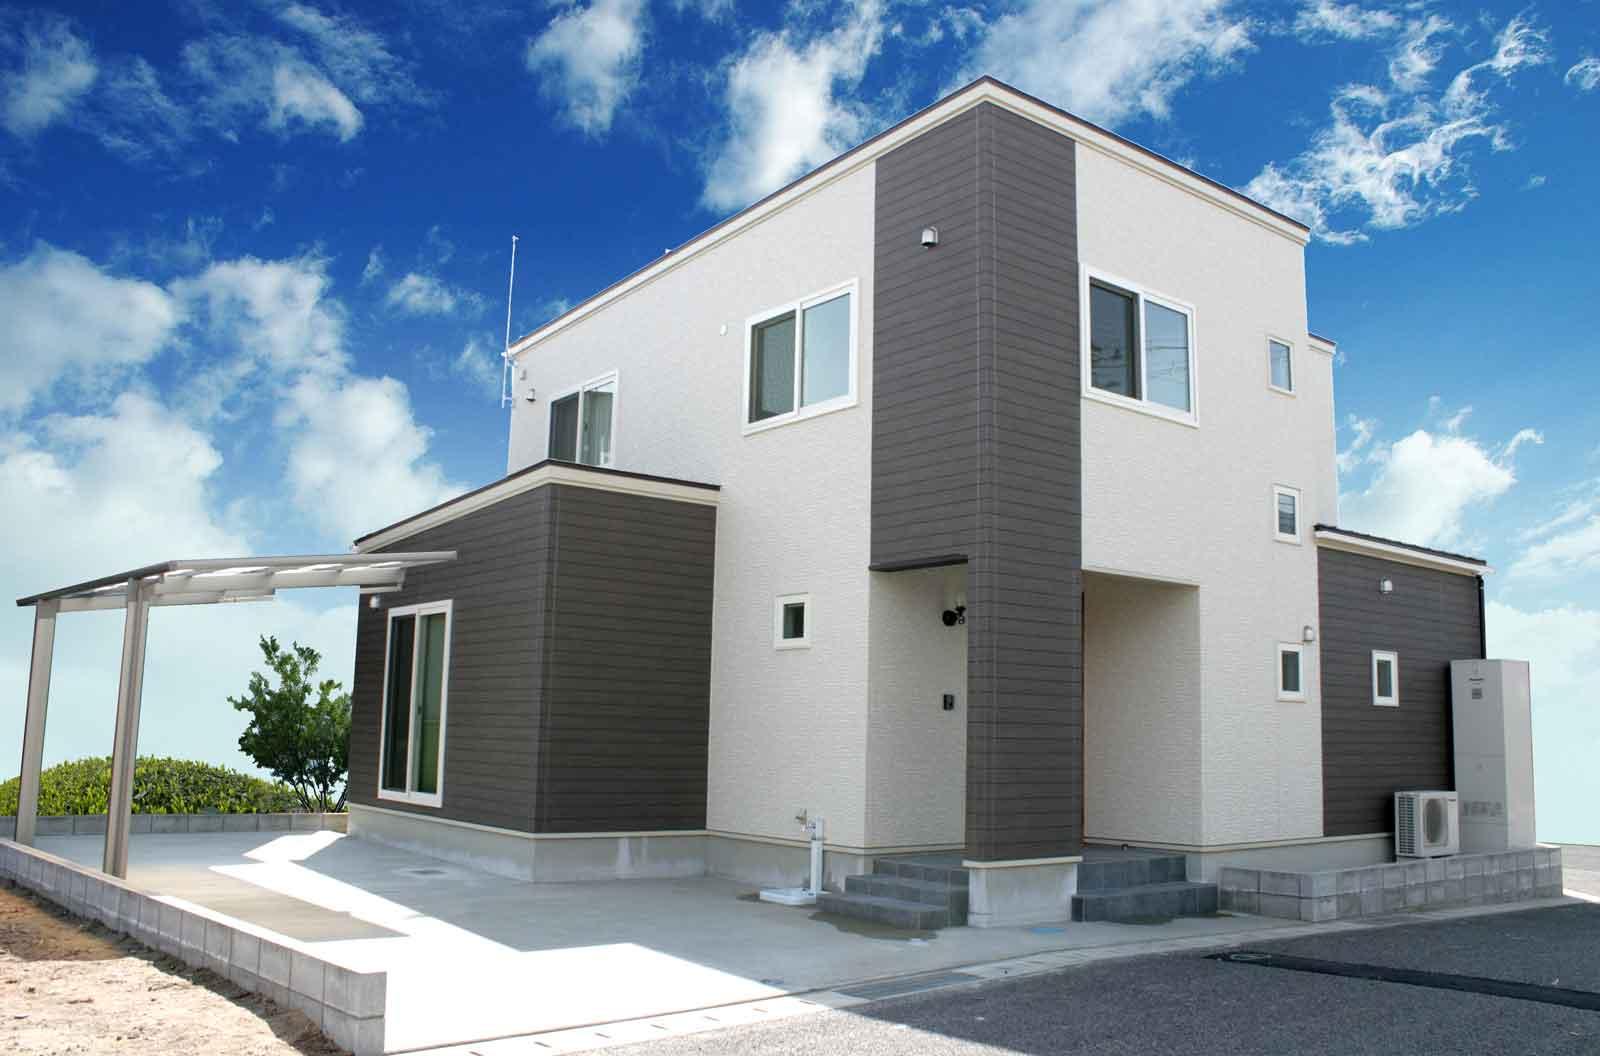 新潟市西区K様邸 住宅外観